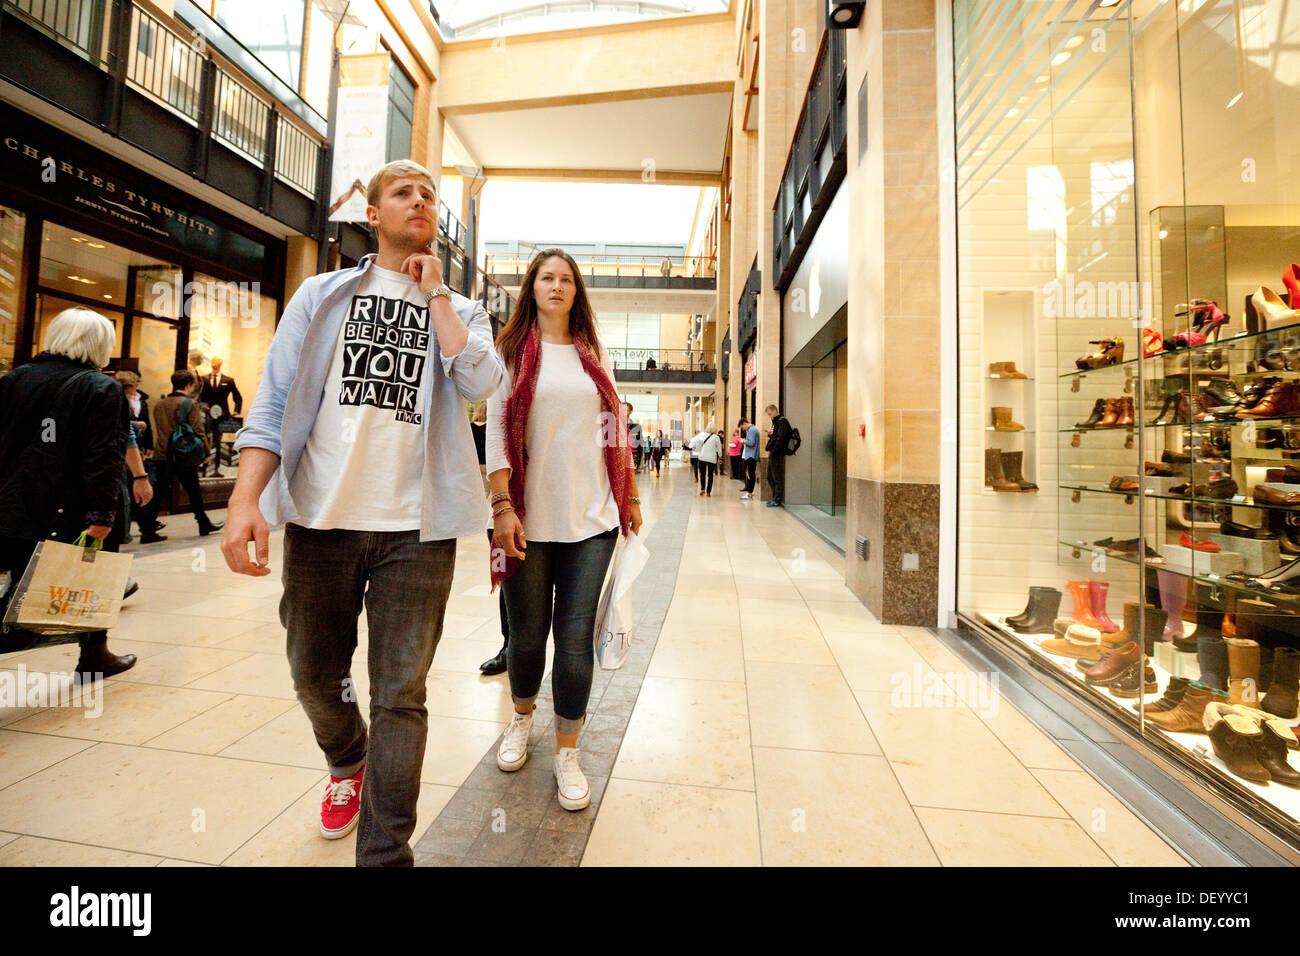 Young couple shopping in a shopping centre center, The Grand arcade shopping Mall, Cambridge England UK - Stock Image